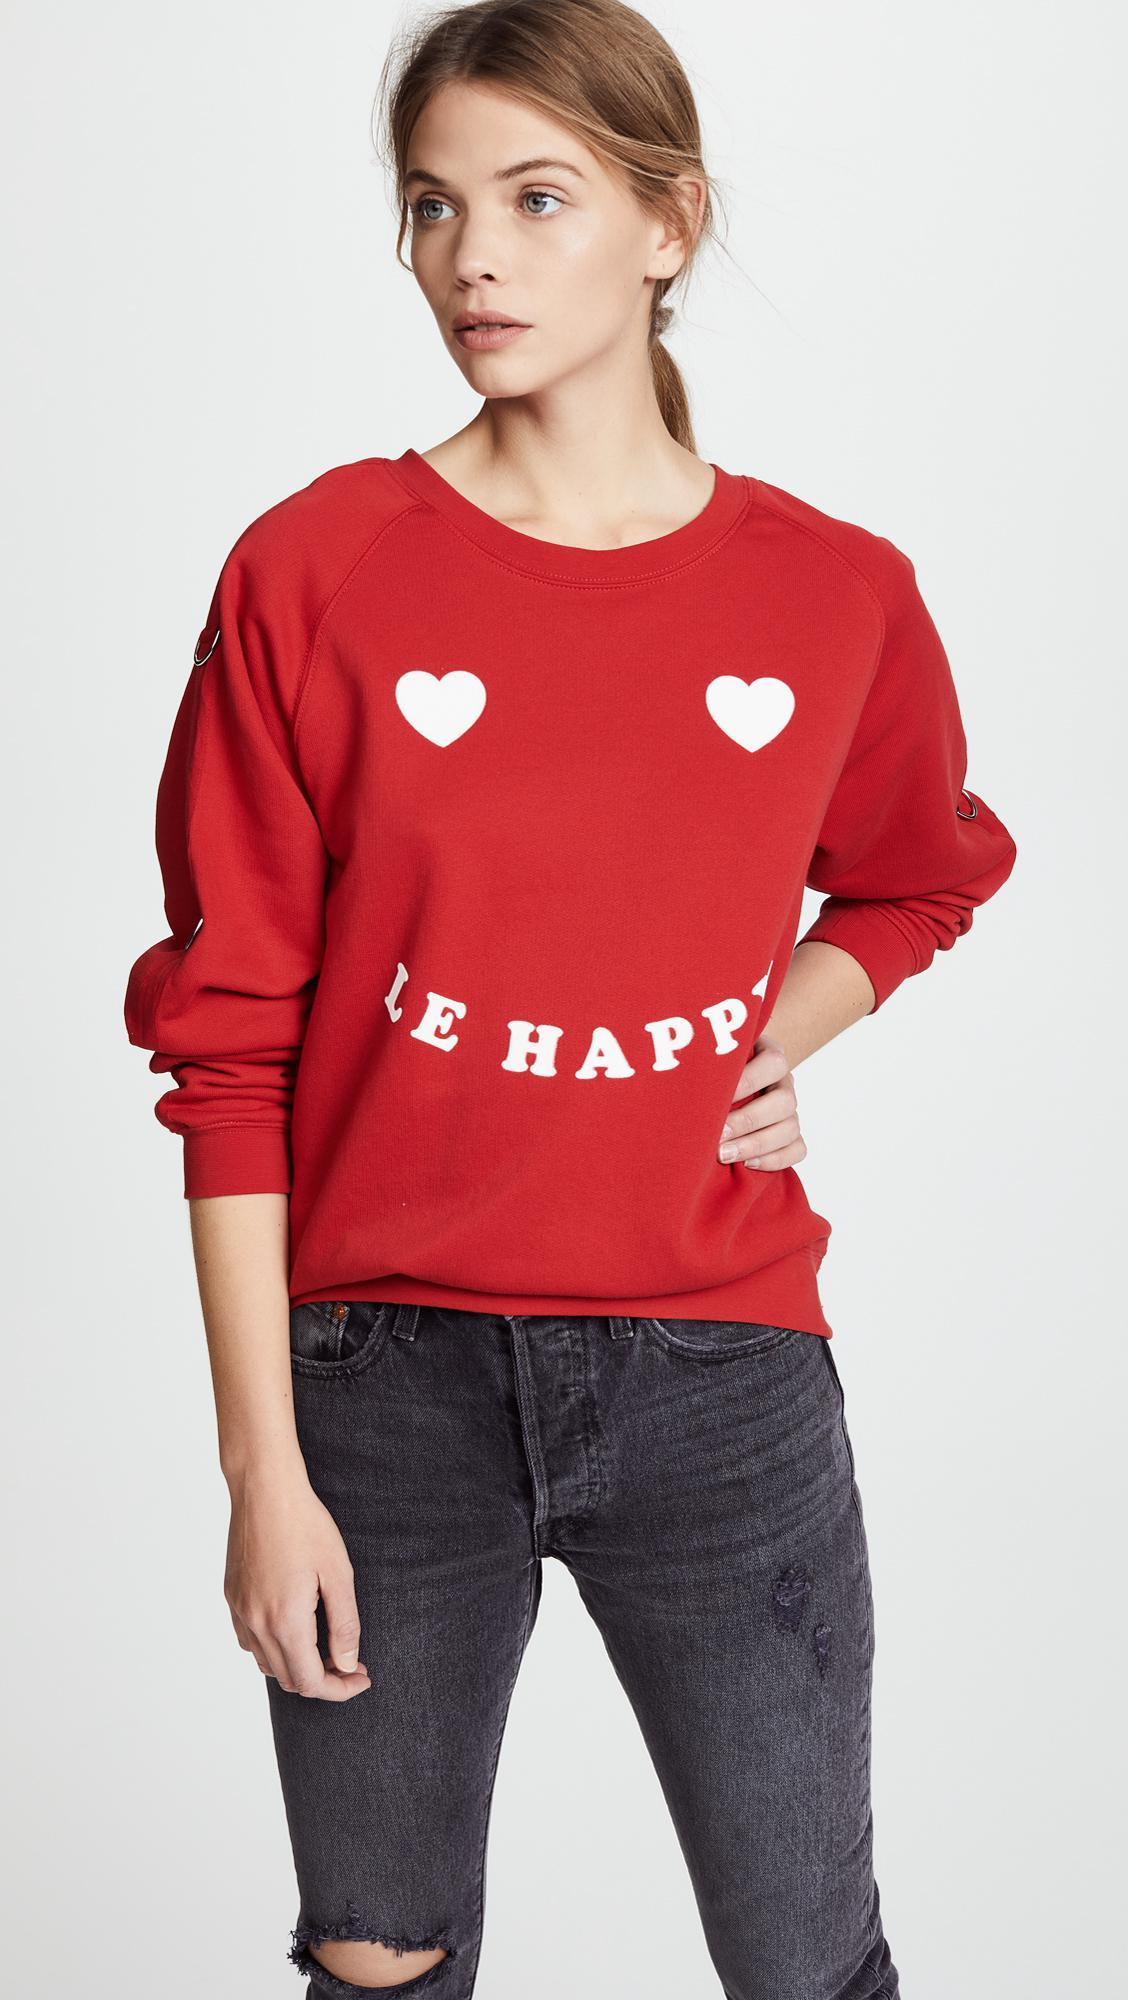 Zoe Karssen Be Happy sweatshirt Clearance Wiki kbuYIXWm